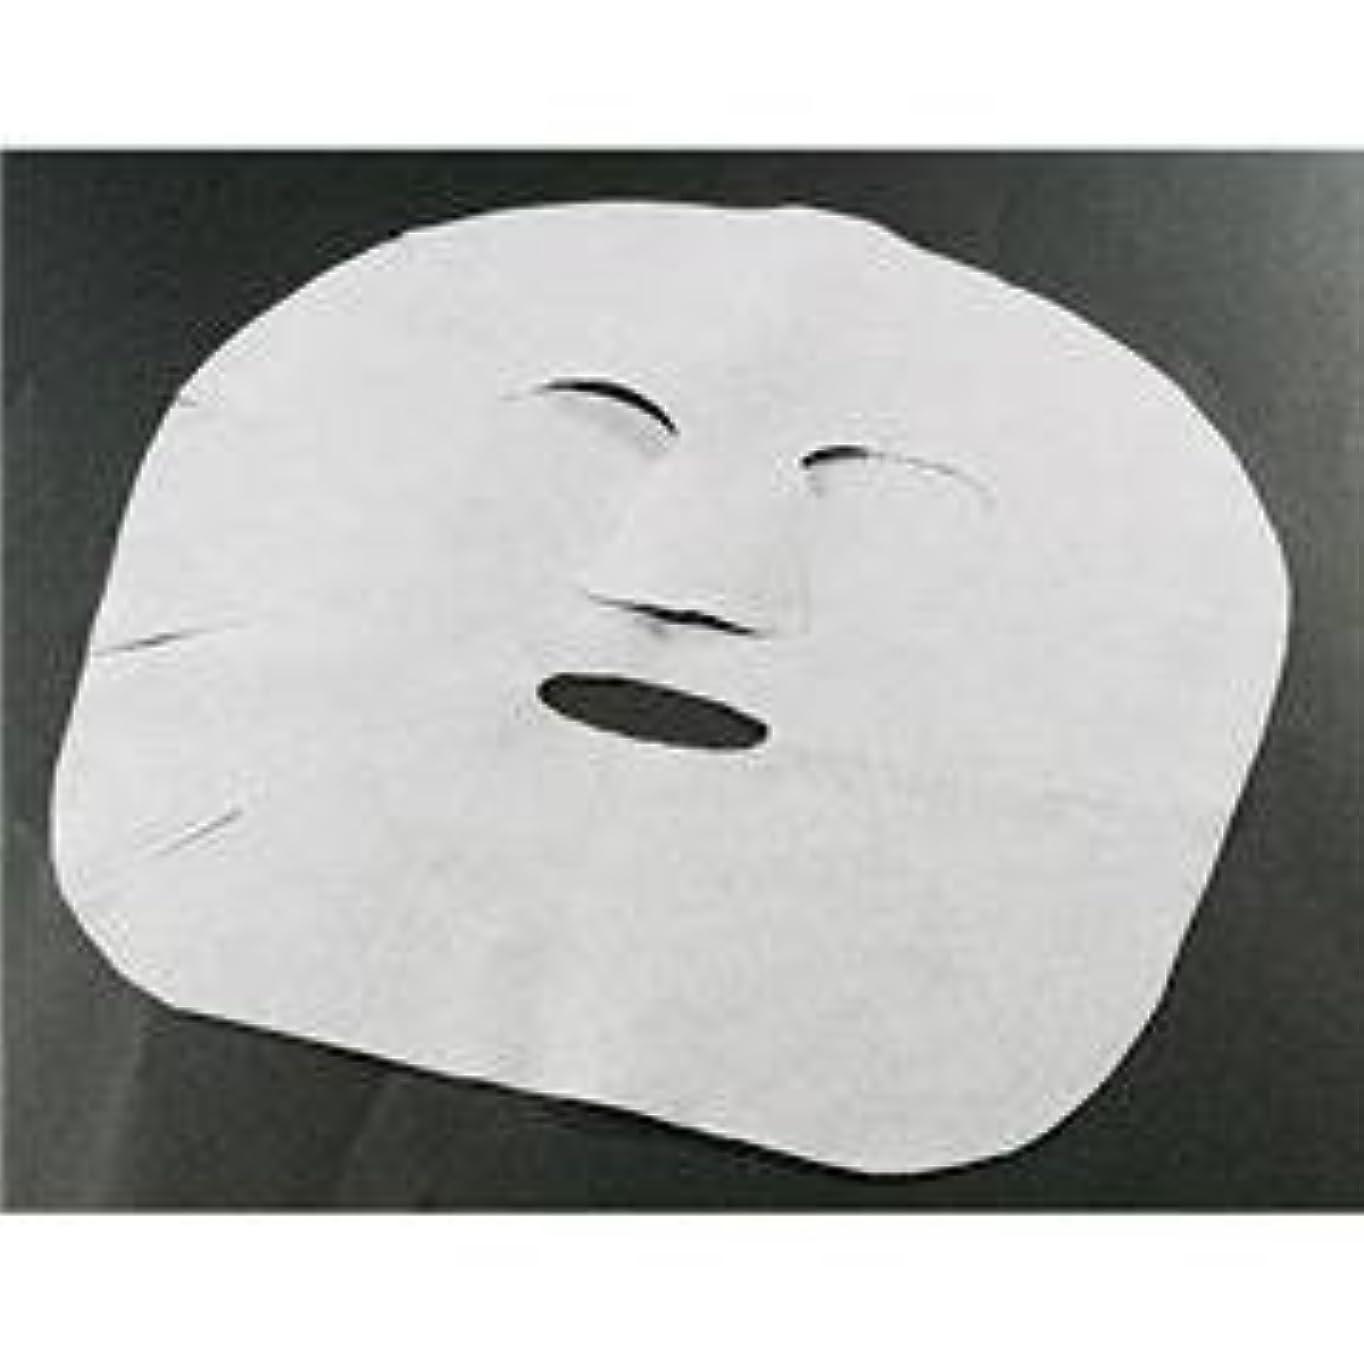 喜んで避けられない野望大きめ エステ仕様 フェイスシート マスク 100枚/不織布タイプ